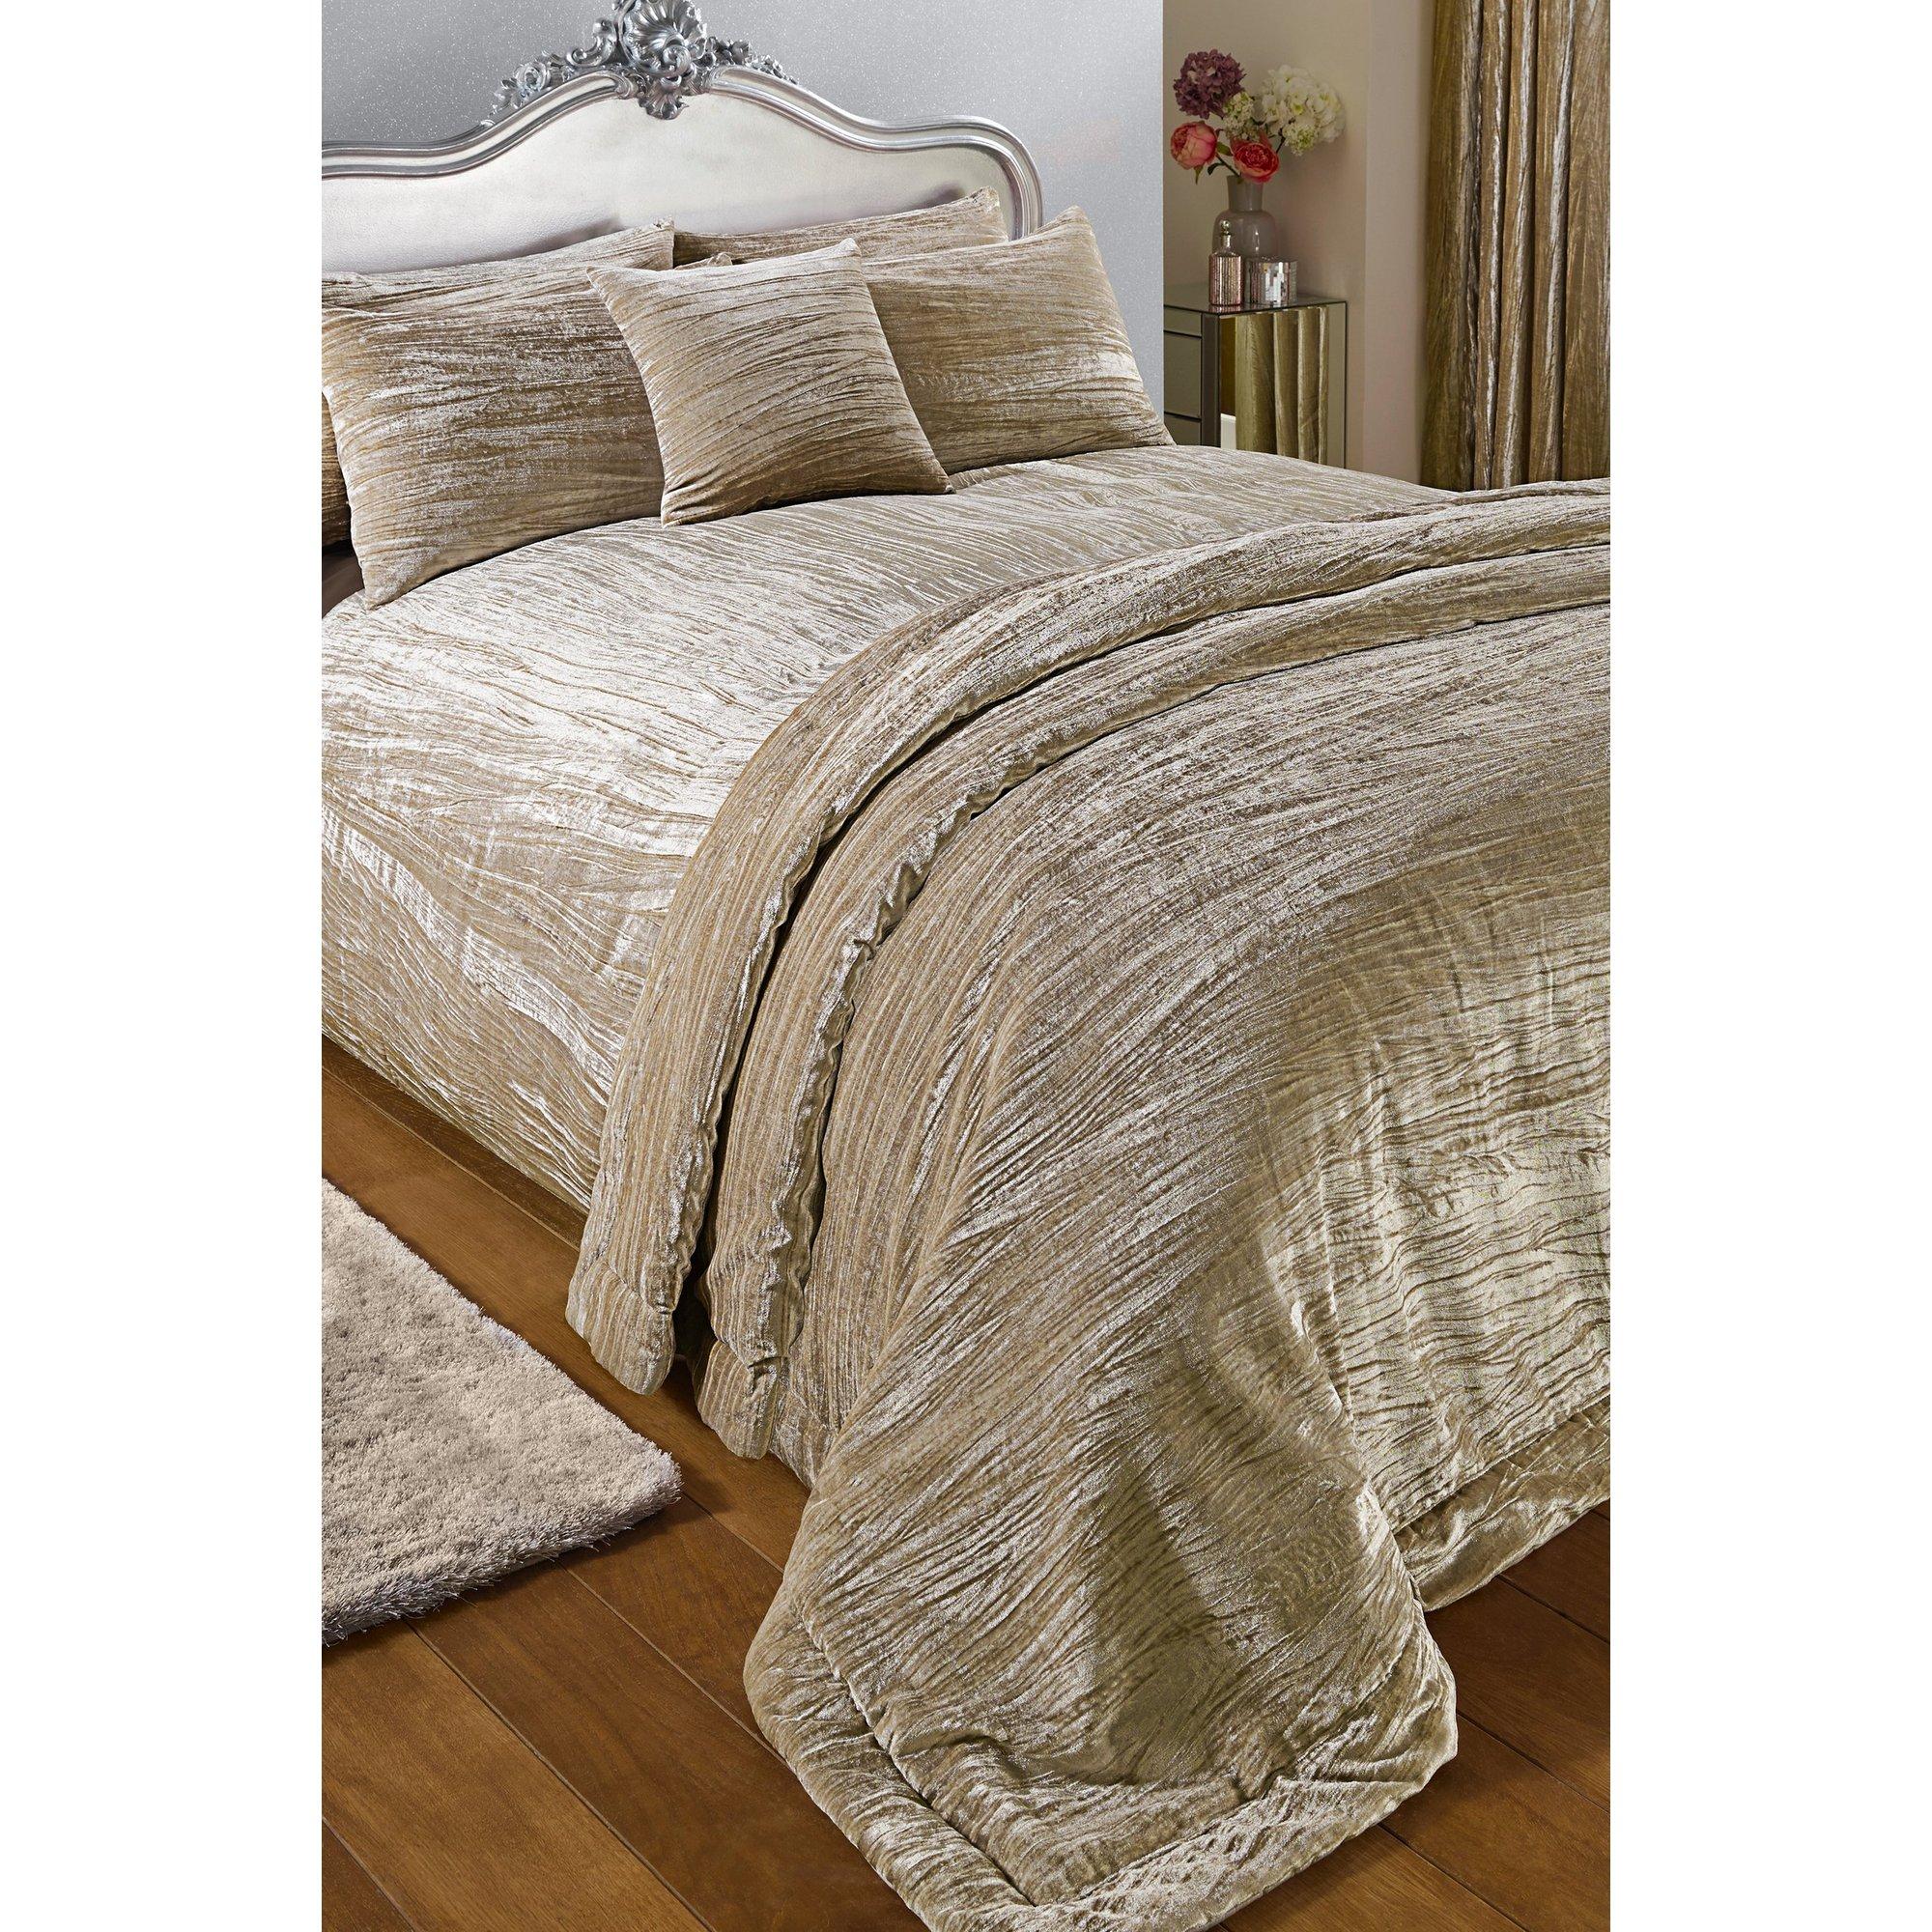 Image of Luxury Crinkle Velvet Double Duvet Set